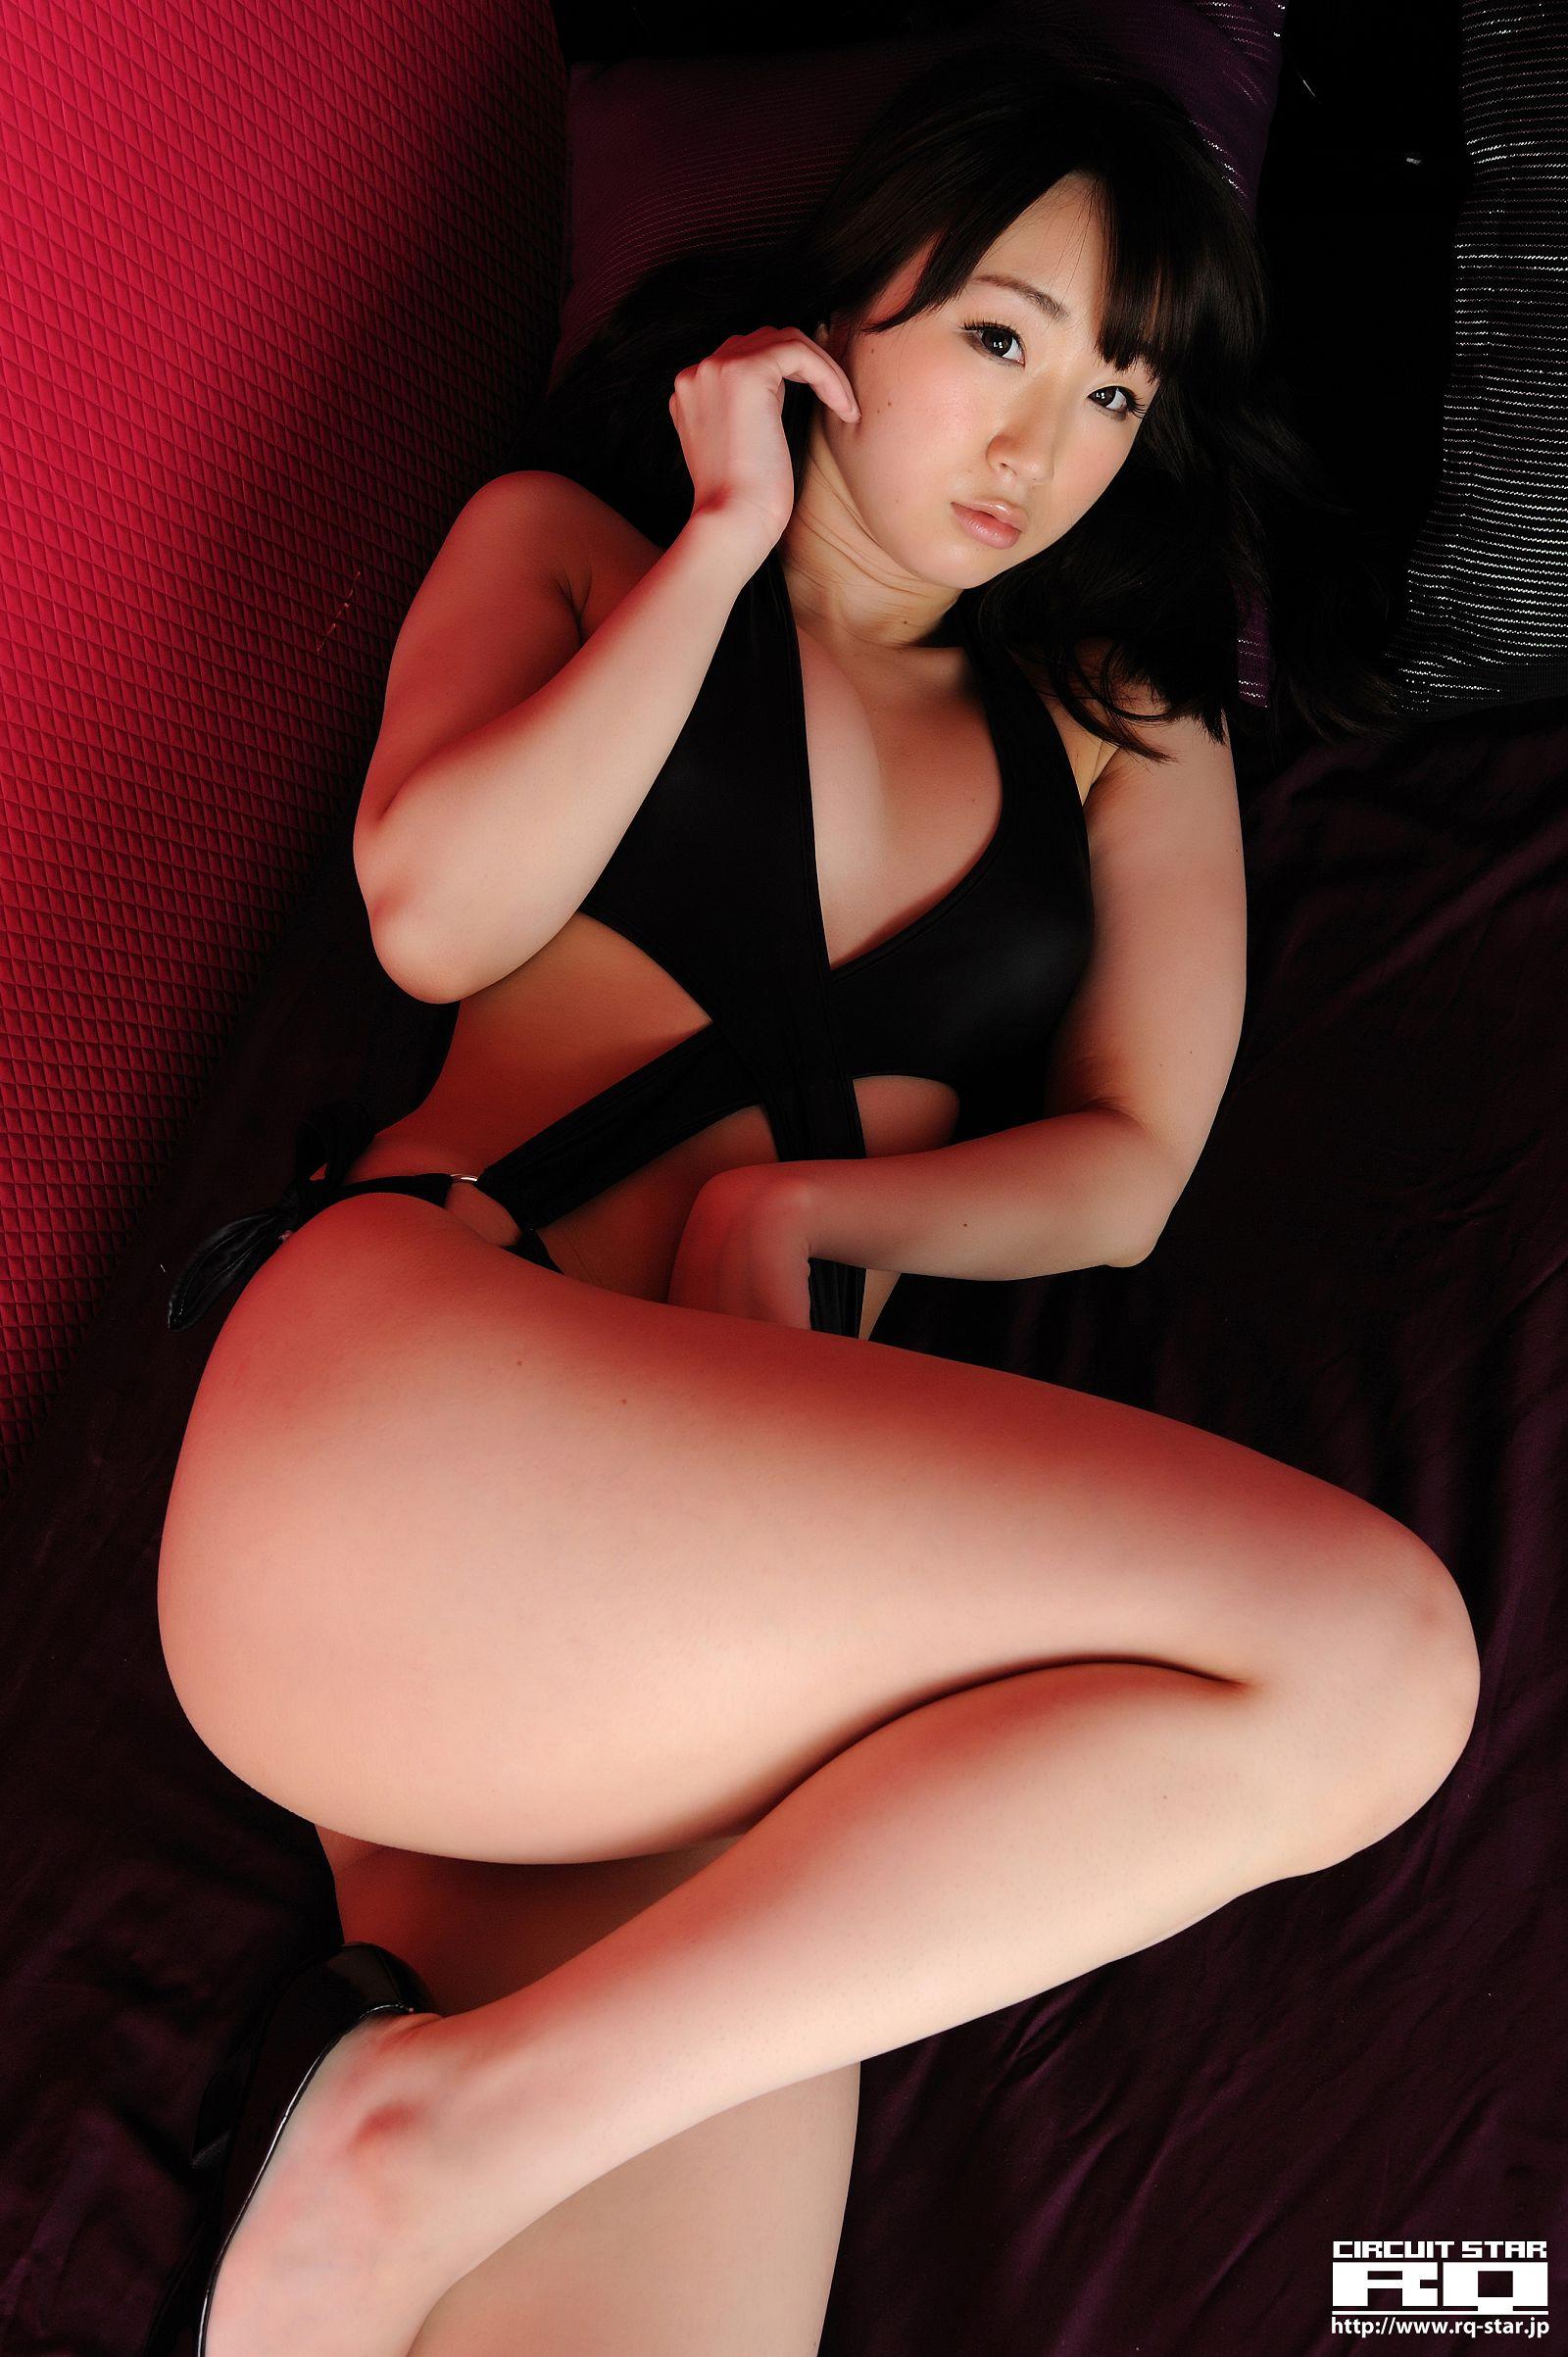 [RQ STAR美女] NO.00641 Kana Arai 荒井嘉奈 Swim Suits[120P] RQ STAR 第4张